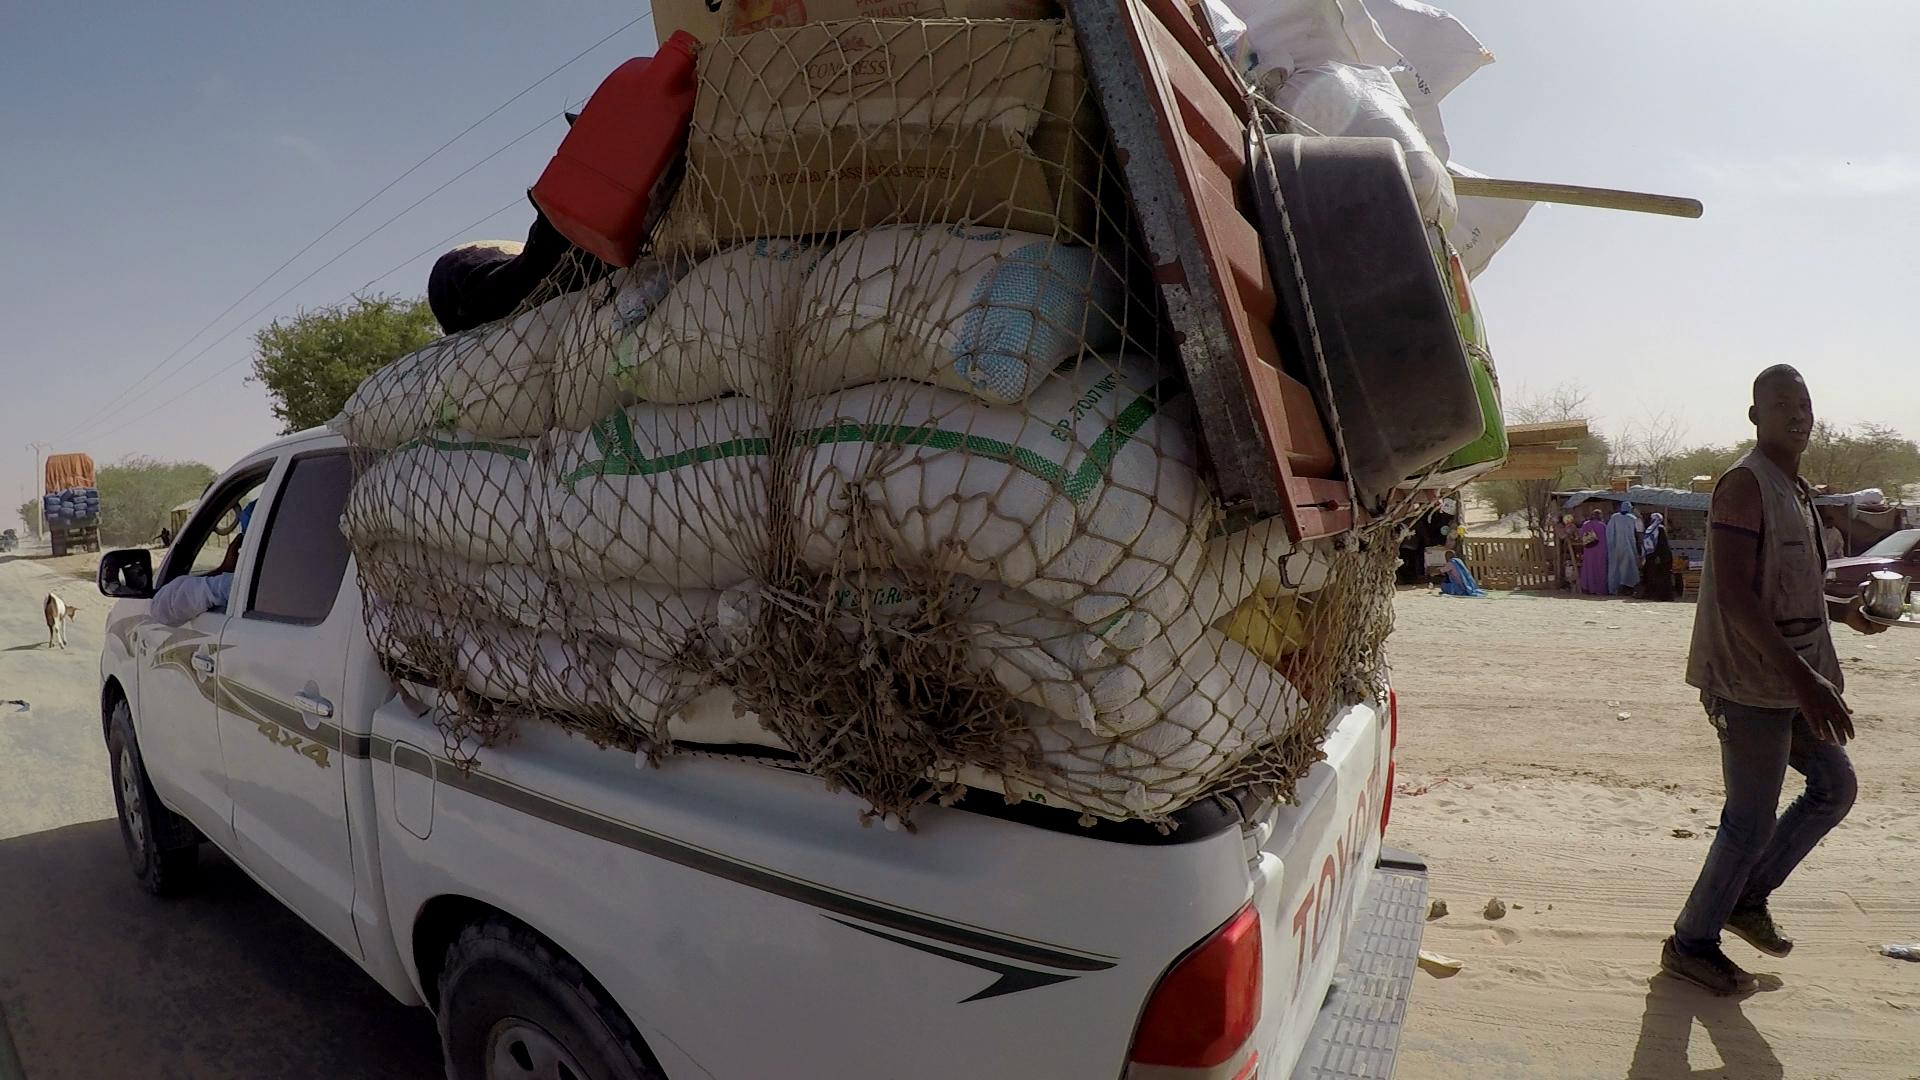 saliendo nouakchott pablocaminante mauritania - Mauritania 3/5, Nouakchott